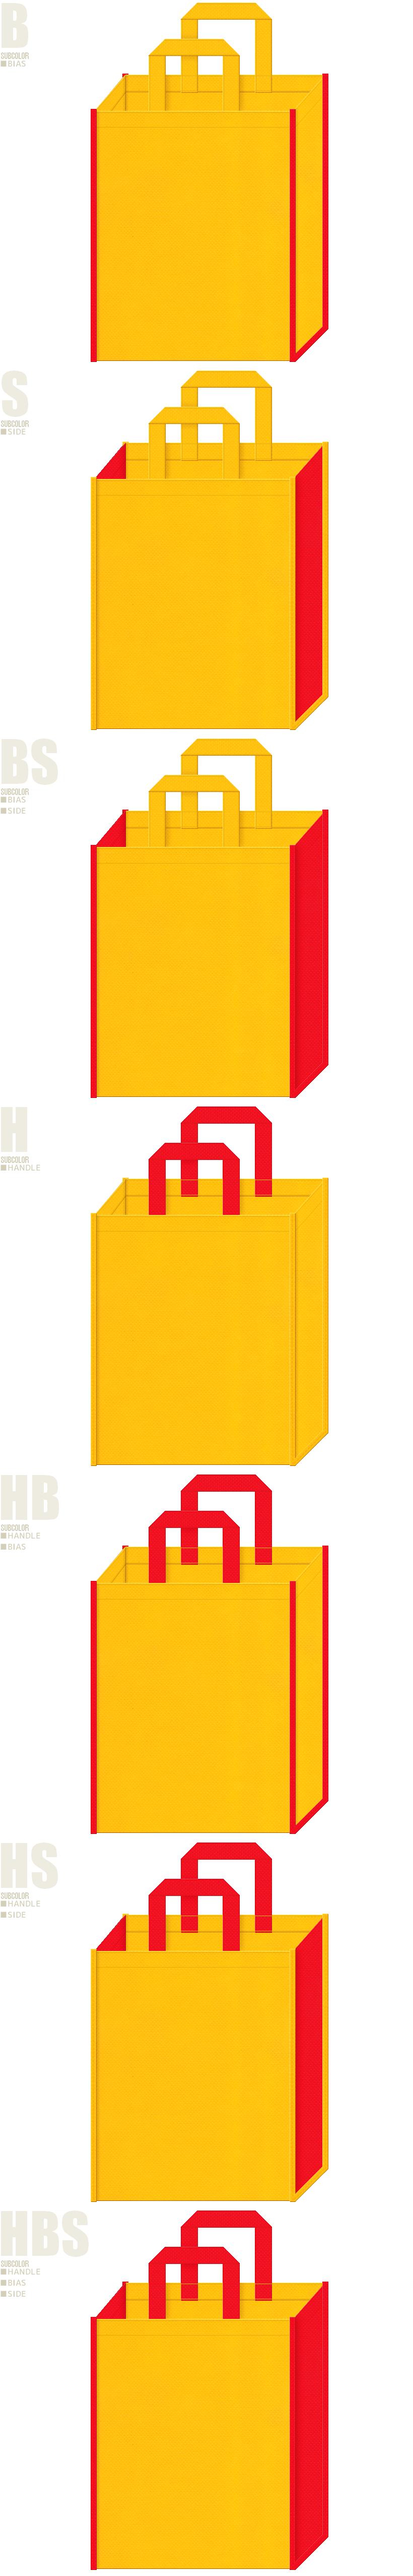 黄色と赤色、7パターンの不織布トートバッグ配色デザイン例。おもちゃの展示会用バッグ、遊園地・テーマパークのバッグノベルティにお奨めです。